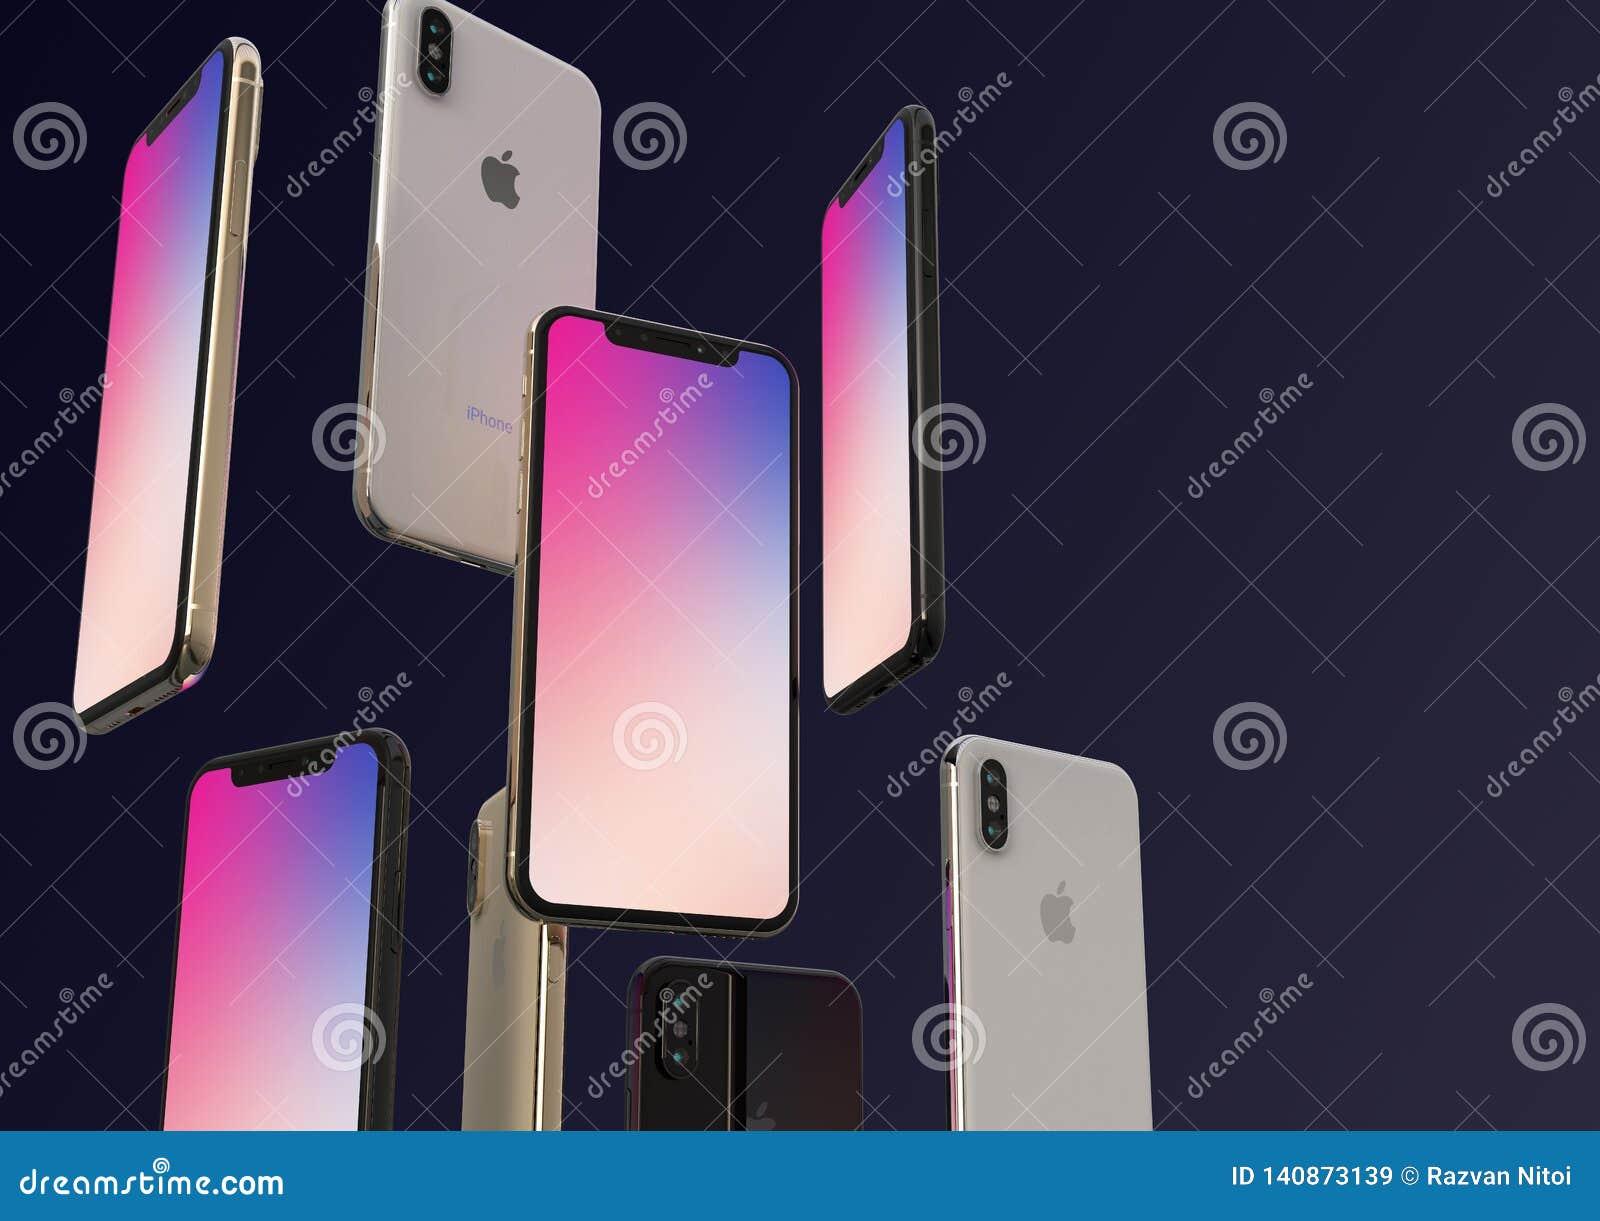 Смартфоны золота, серебра и космоса IPhone XS серые, плавая в воздух, красочный экран